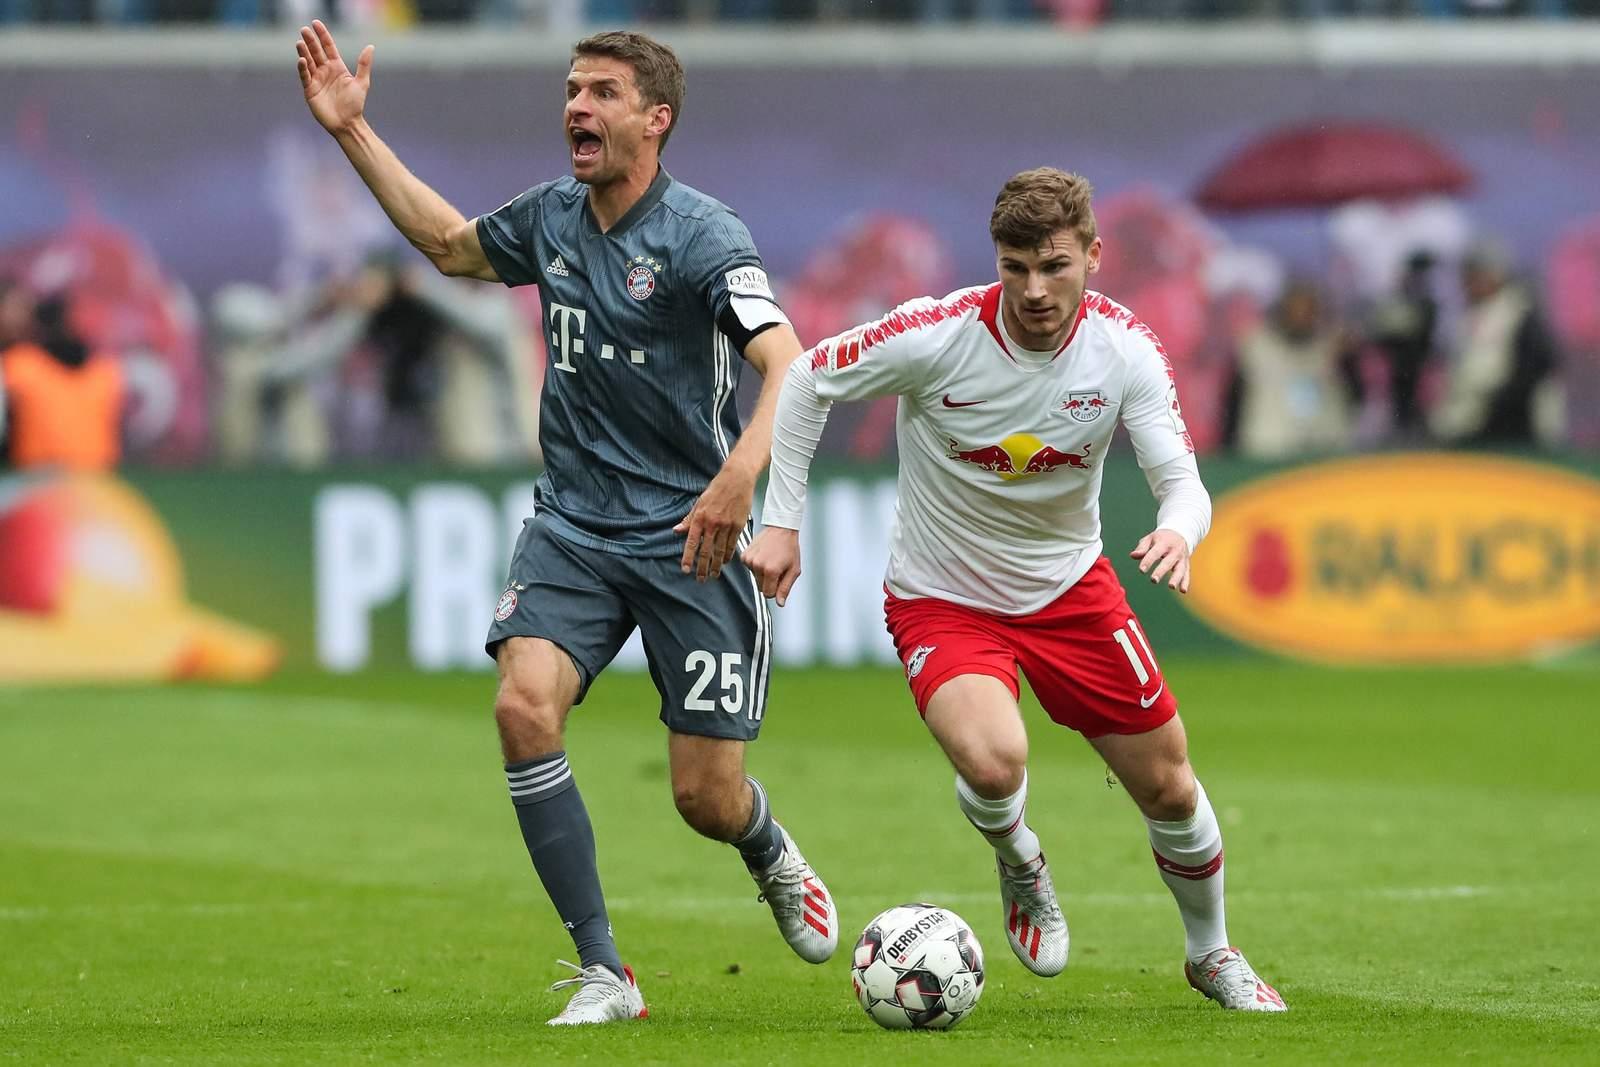 Setzt sich Werner gegen Müller durch? Jetzt auf Red Bull Leipzig gegen Bayern wetten